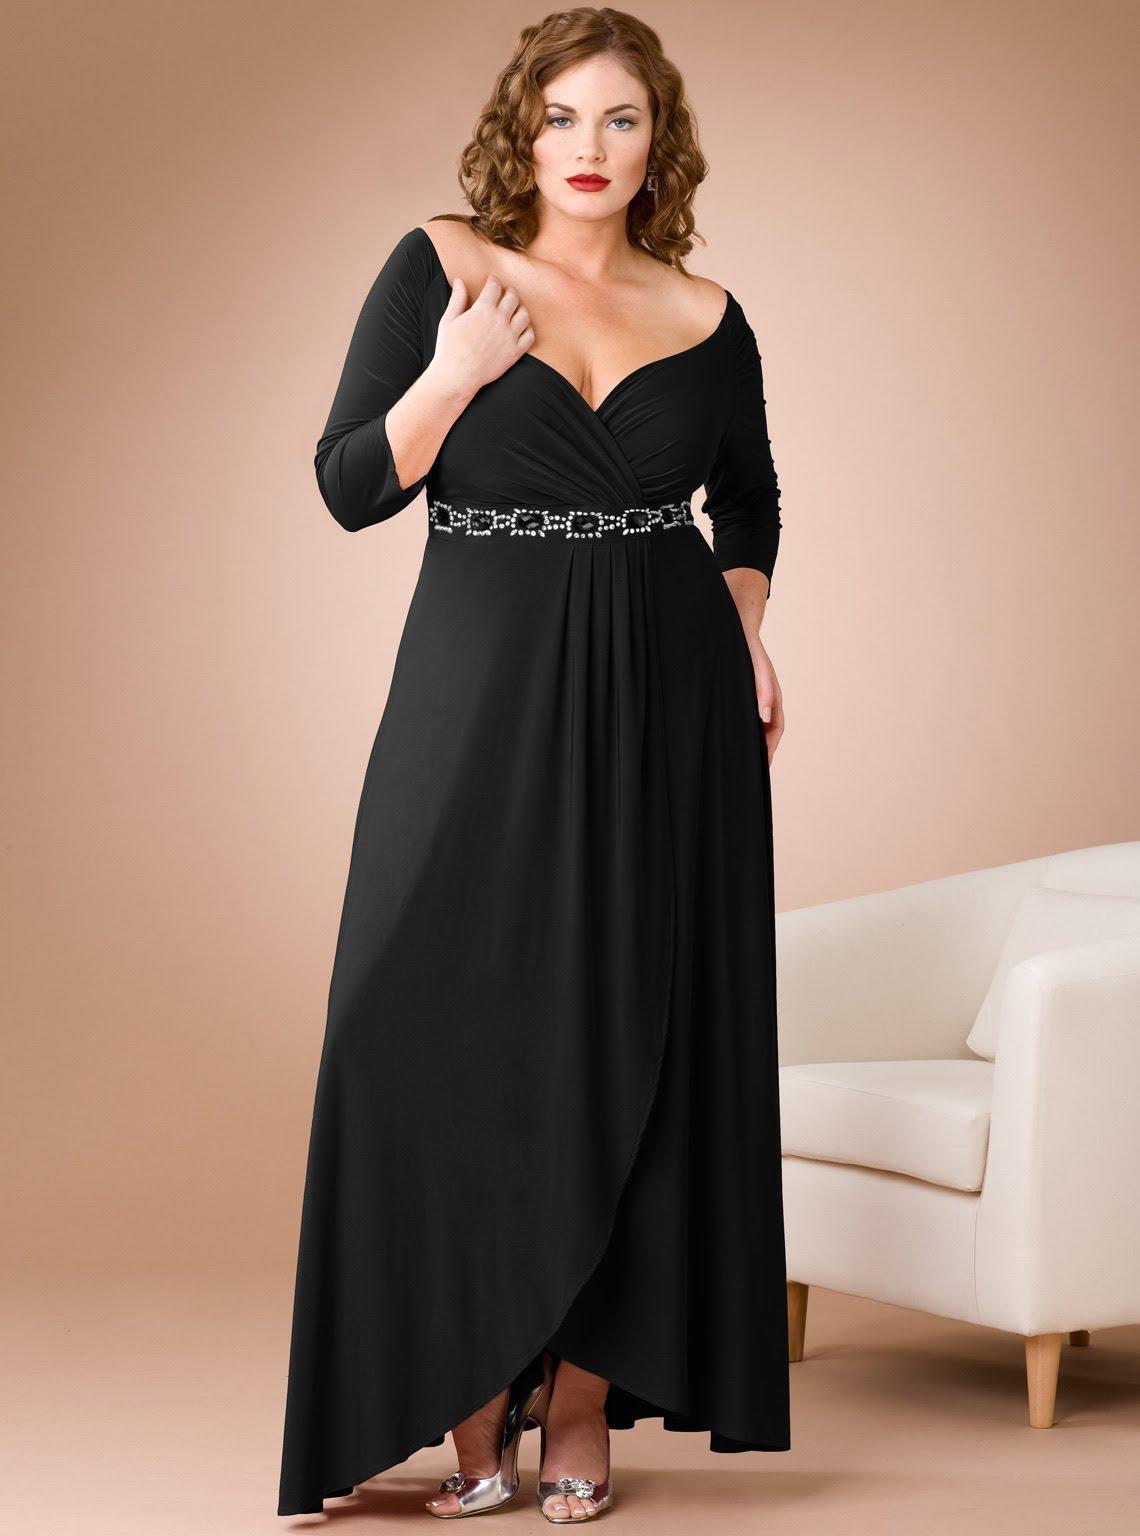 913860248 فساتين سهرة للسمينات , افخم ديزينات لفستان سواريه للمقاسات الكبيرة - كيف